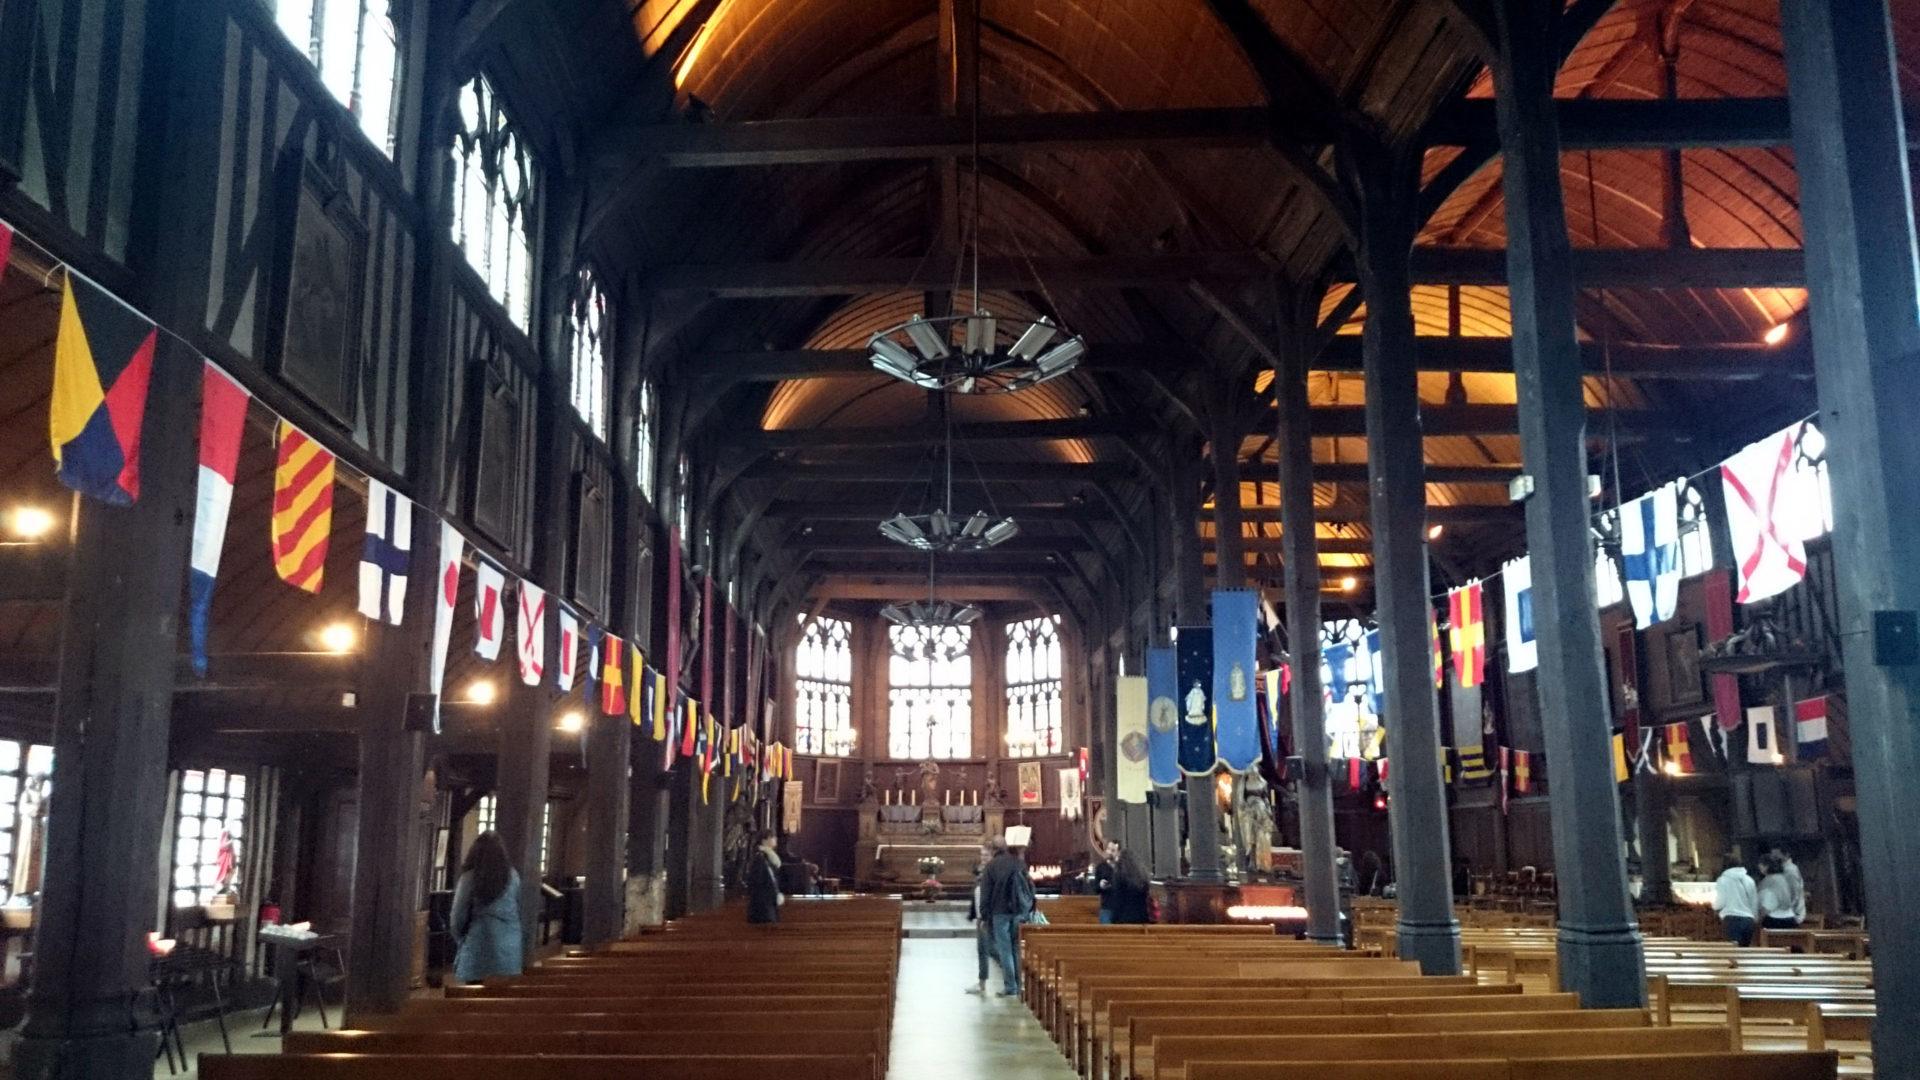 chiesa honfleur cosa fare e cosa vedere